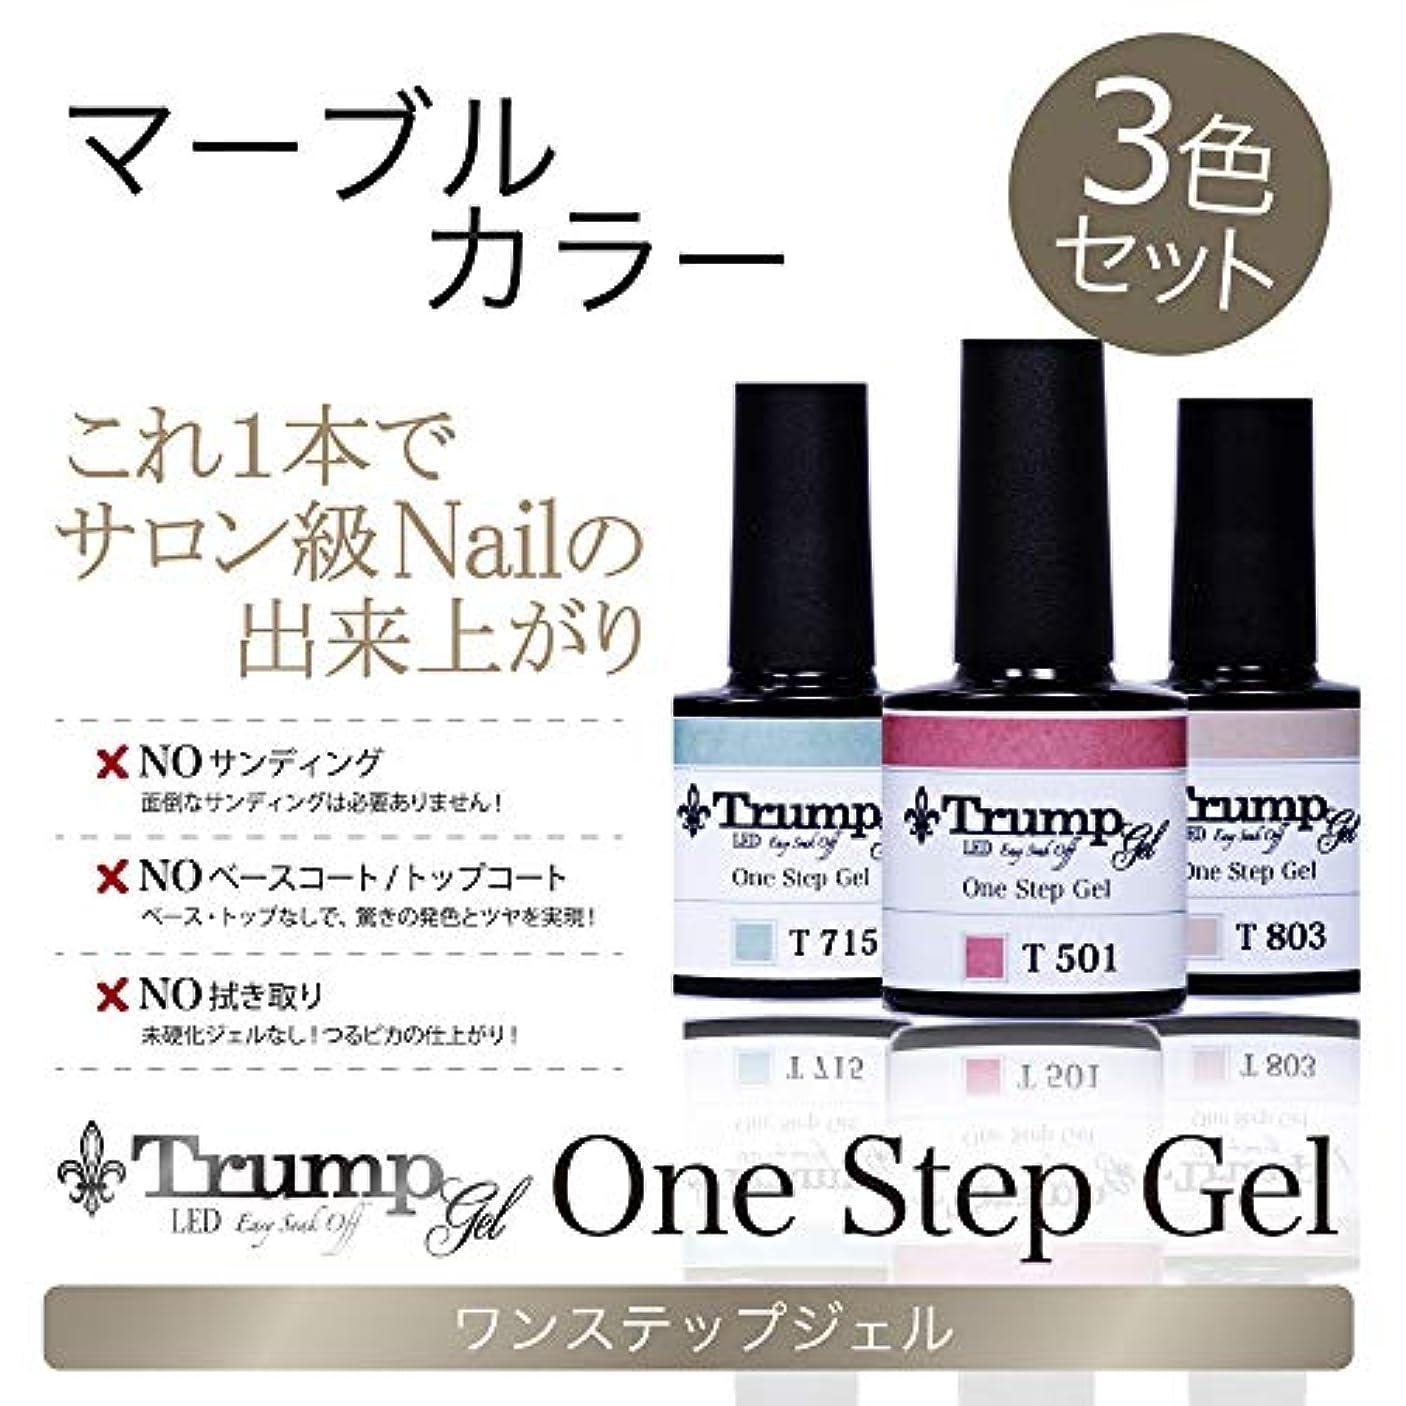 延ばす眠る傷つける【日本製】Trump gel トランプジェル ワンステップジェル ジェルネイル カラージェル 3点 セット スモーキーモーヴ ボルドー マーブル (マーブルカラーセット)